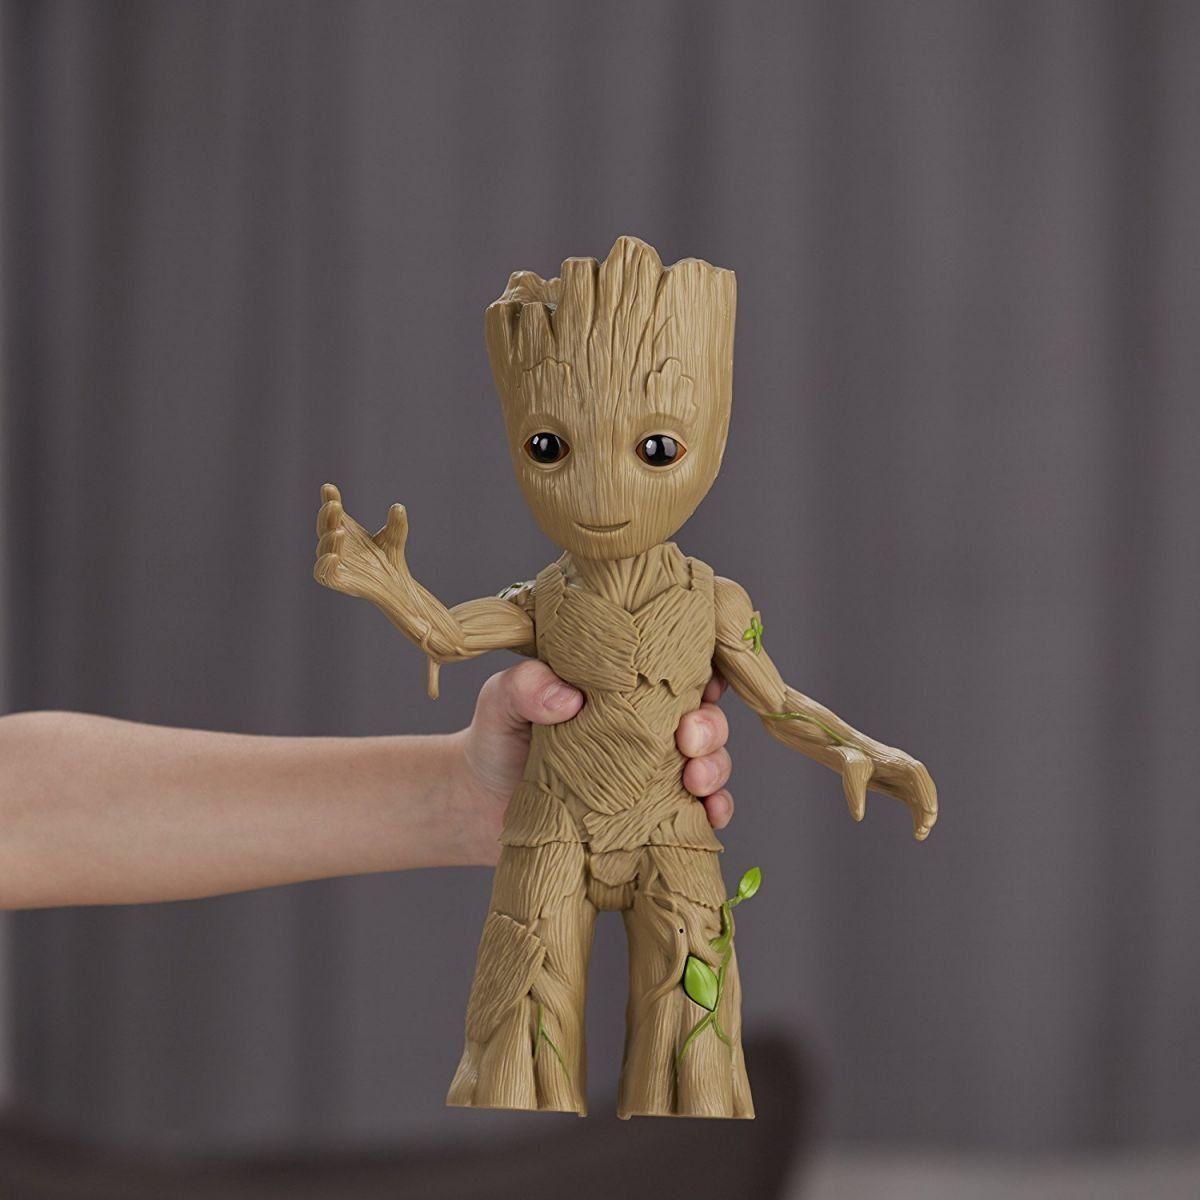 Boneco Groot Dançante: Guardiões da Galáxia Vol. 2 - Hasbro